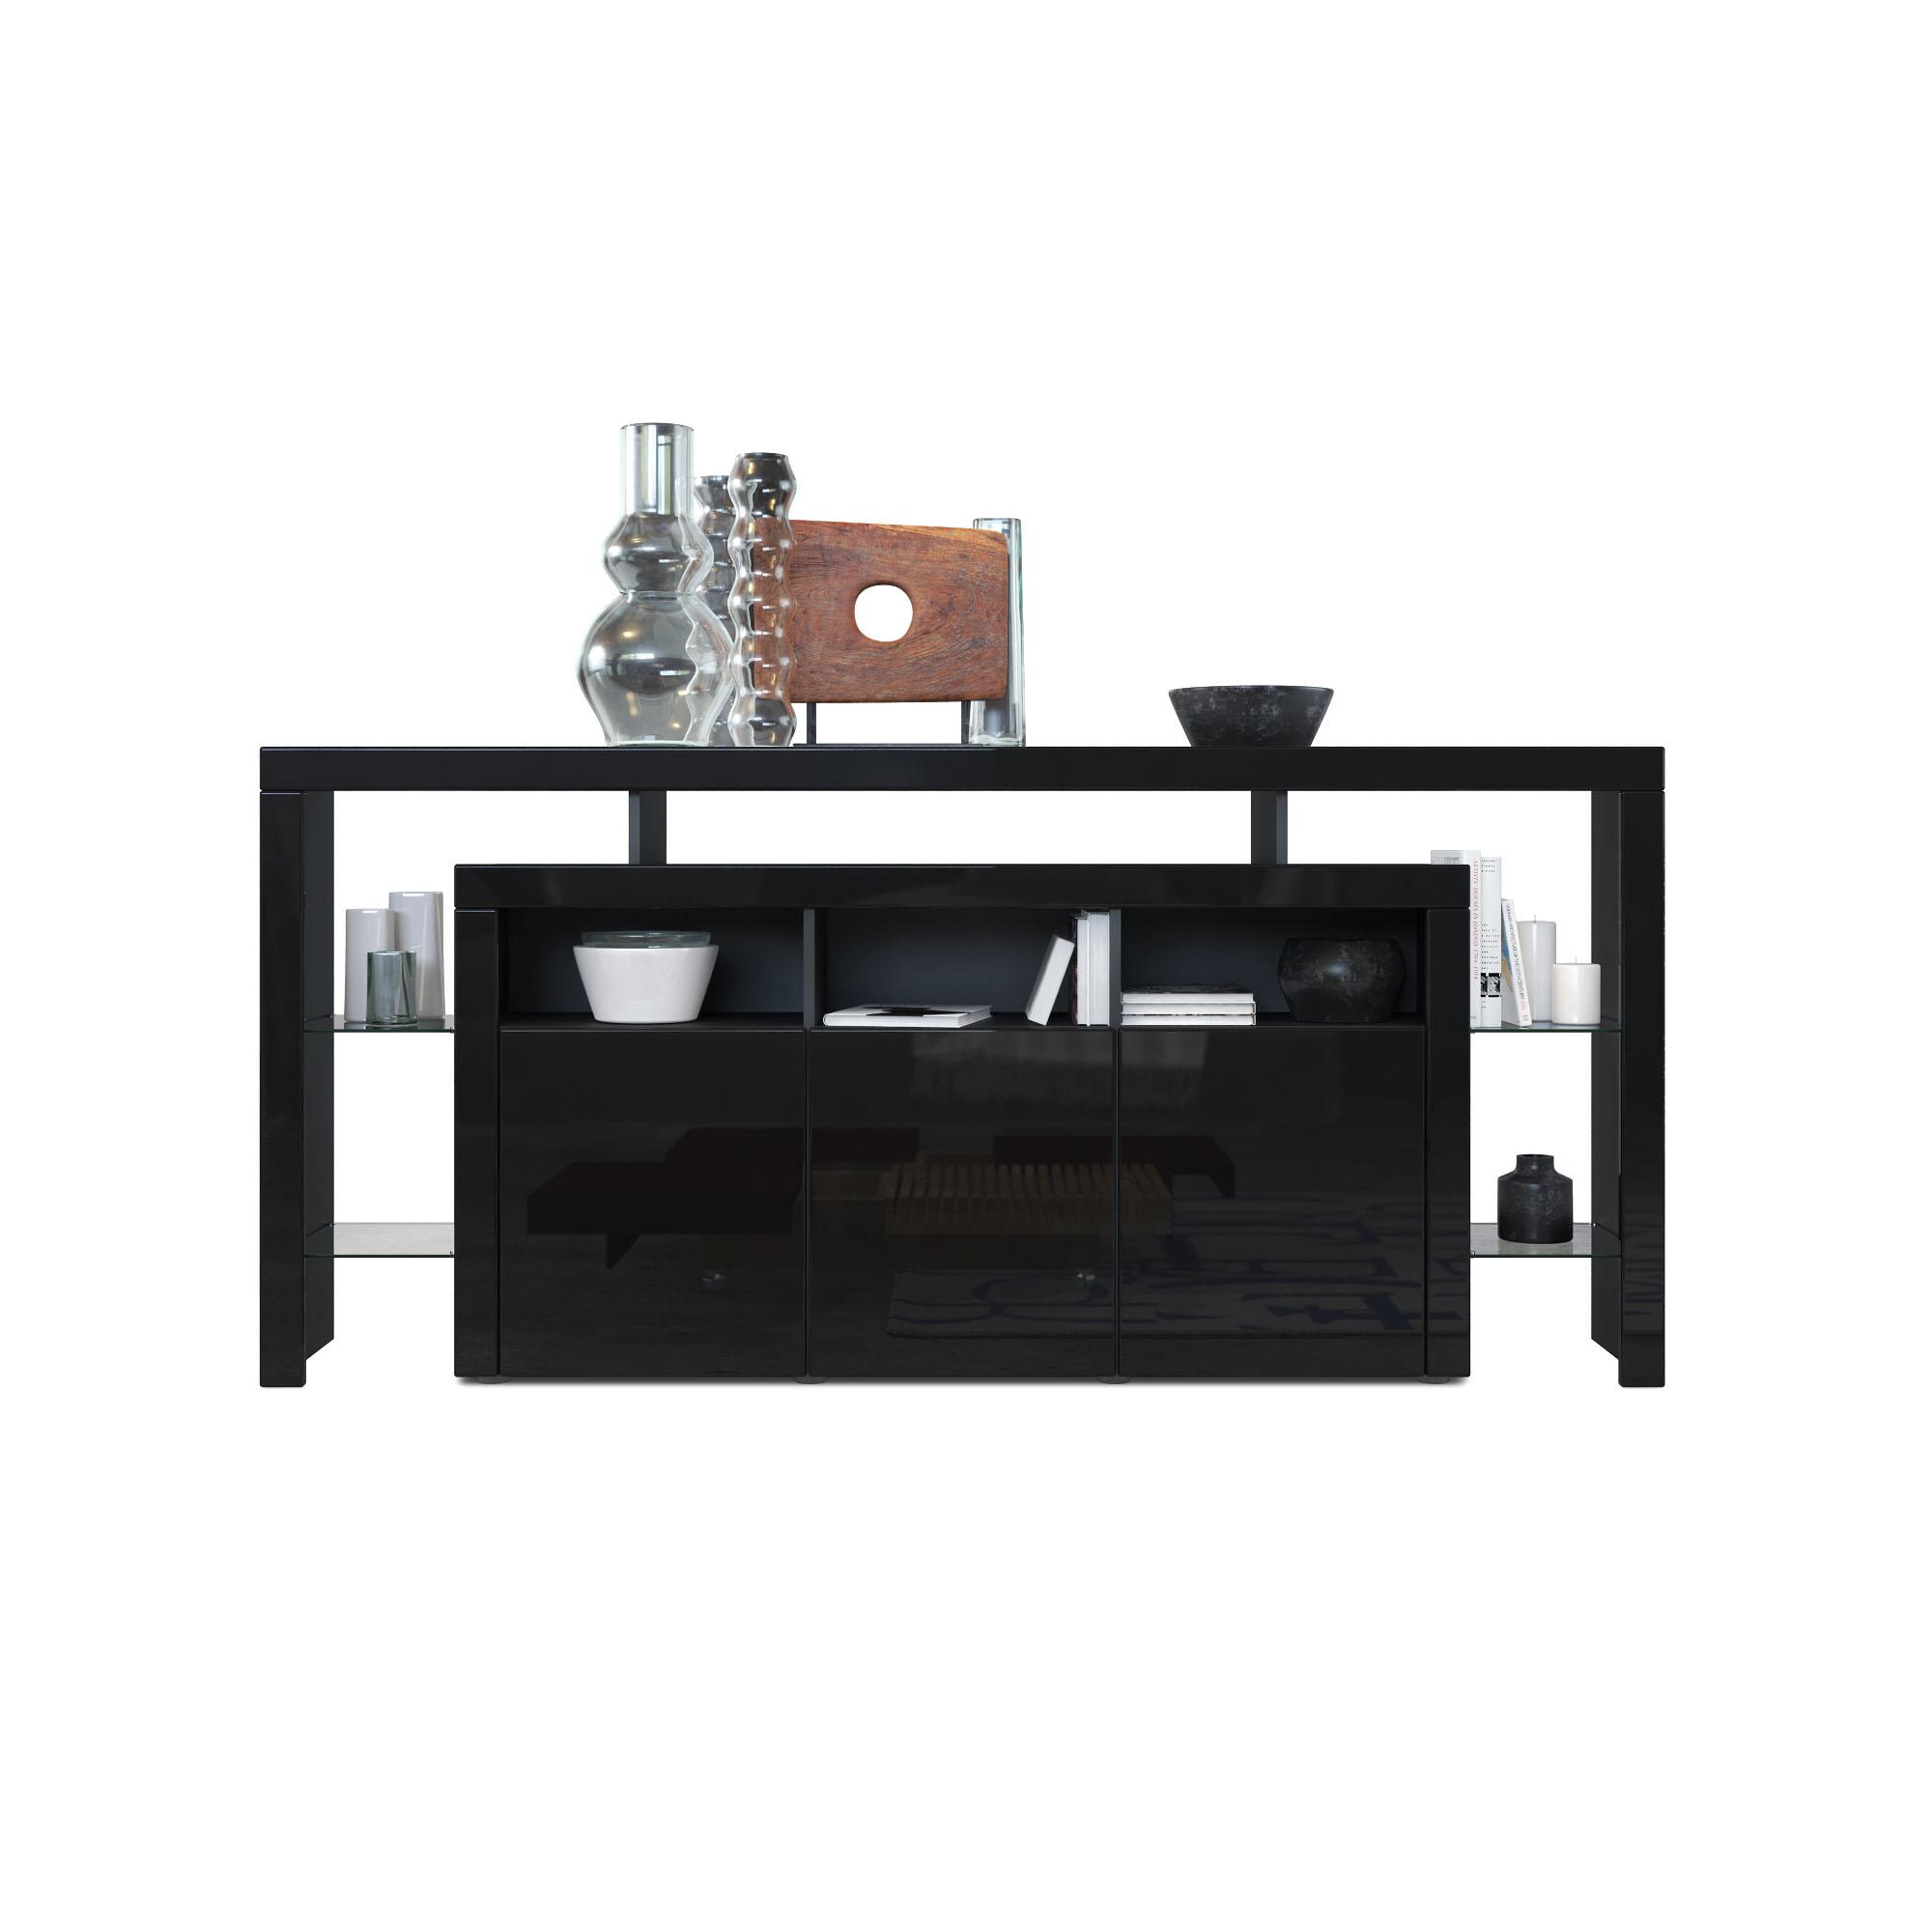 sideboard kommode anrichte highboard rosario 192 wei schwarz hochglanz beton ebay. Black Bedroom Furniture Sets. Home Design Ideas